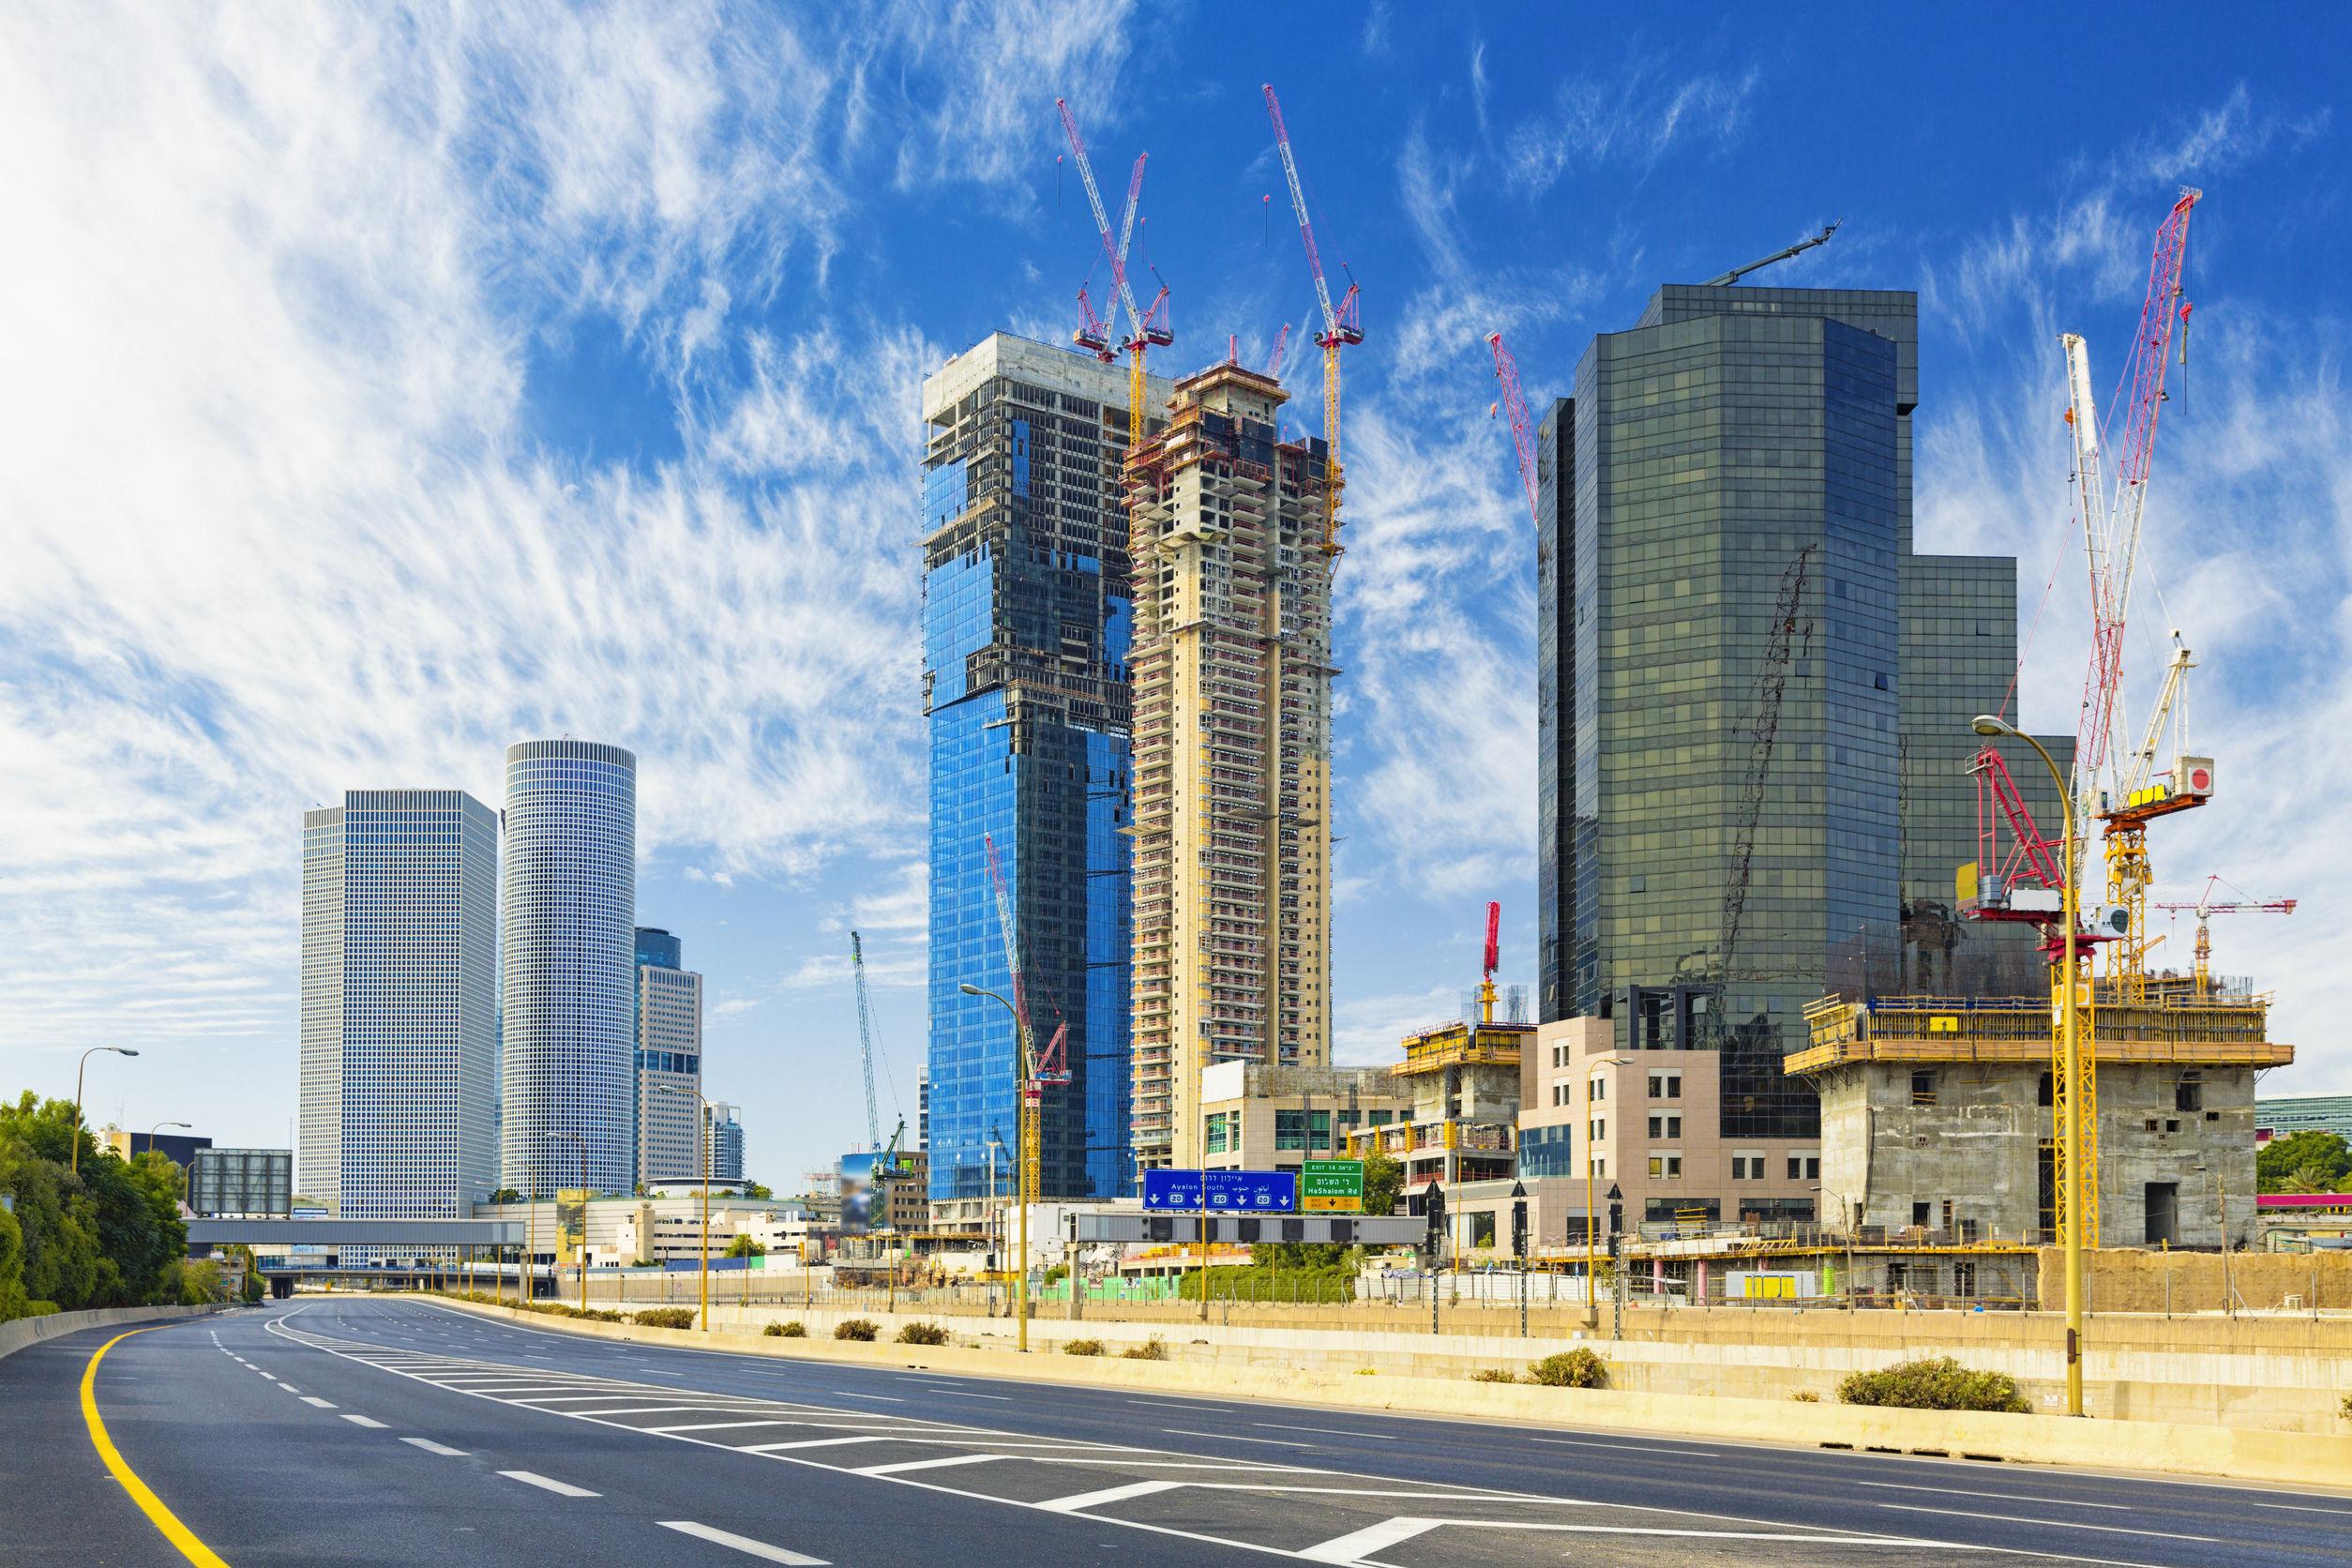 Tại sao Israel trở thành điểm đến đầu tư chính của Trung Quốc?